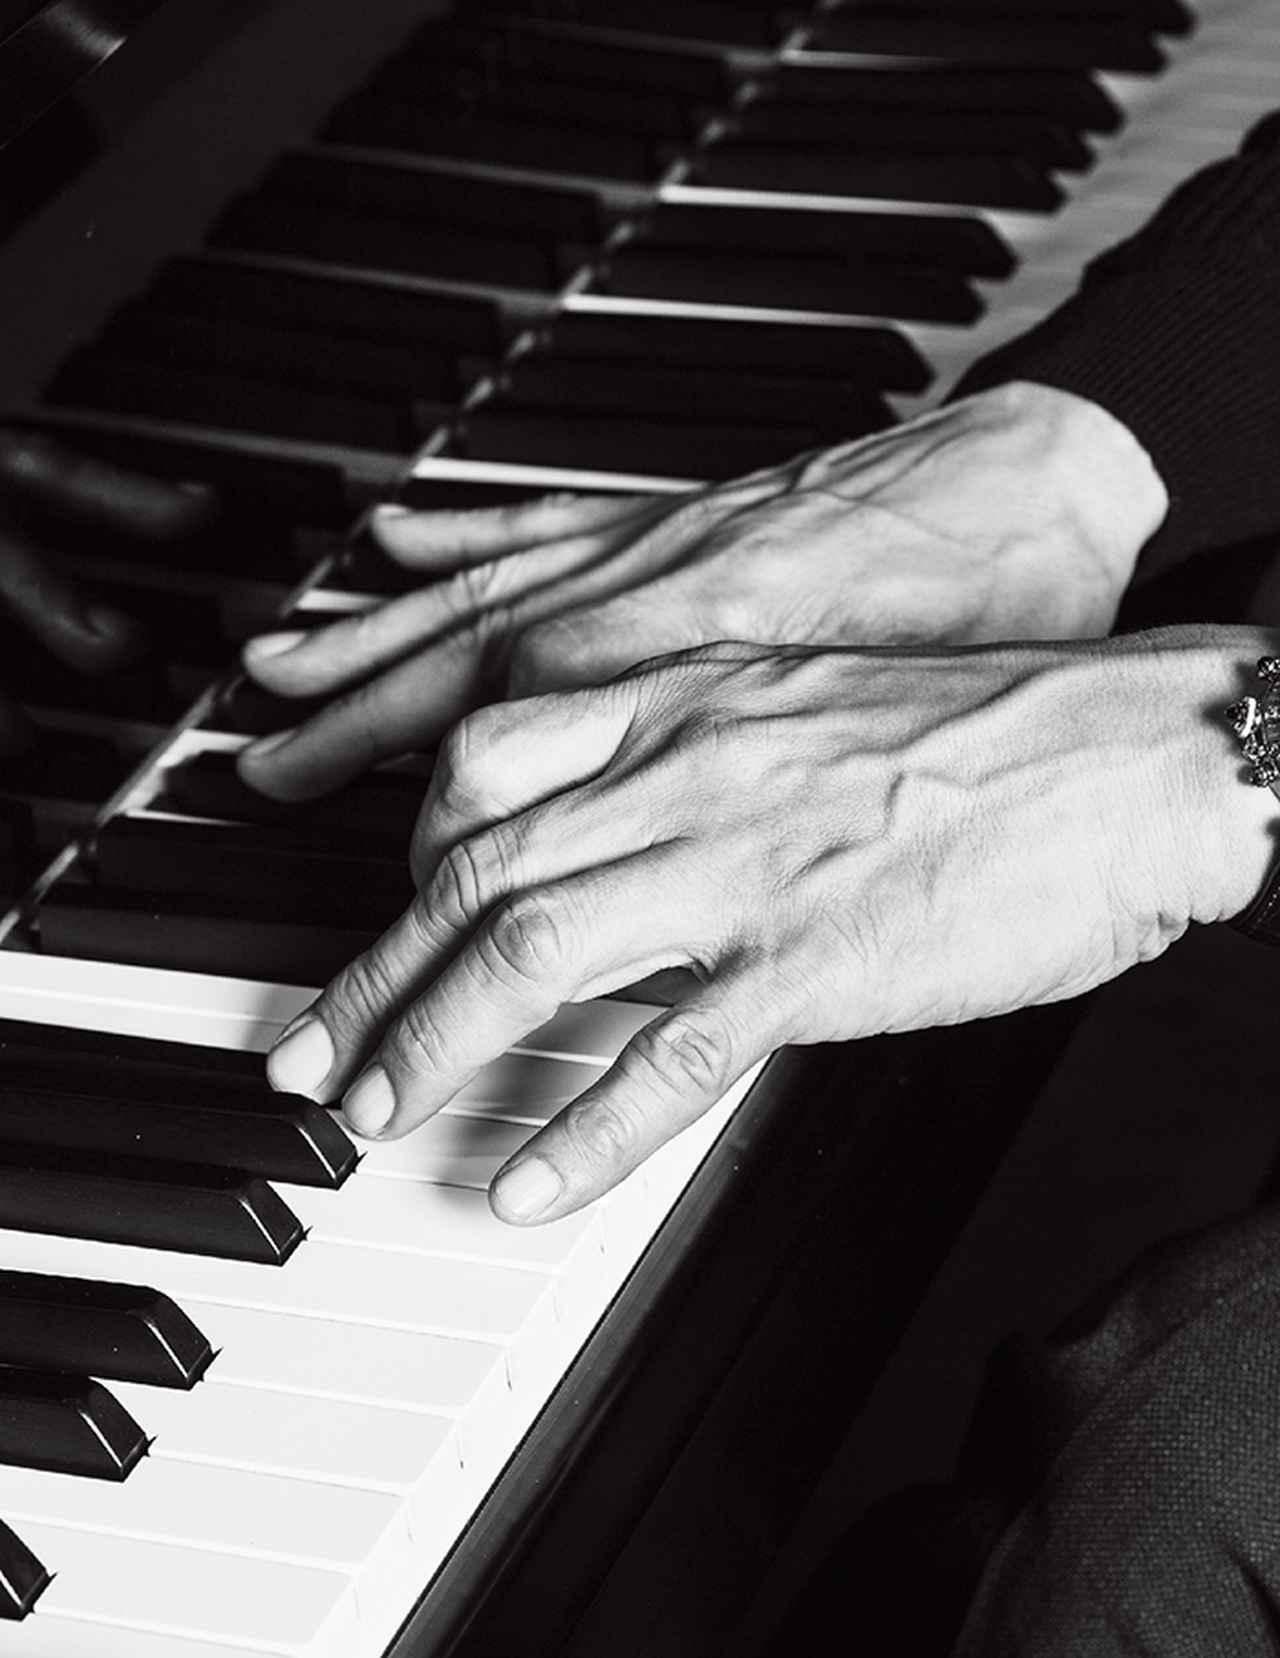 Images : 3番目の画像 - 「坂本龍一が語る、 自身が今作りたい音楽について」のアルバム - T JAPAN:The New York Times Style Magazine 公式サイト